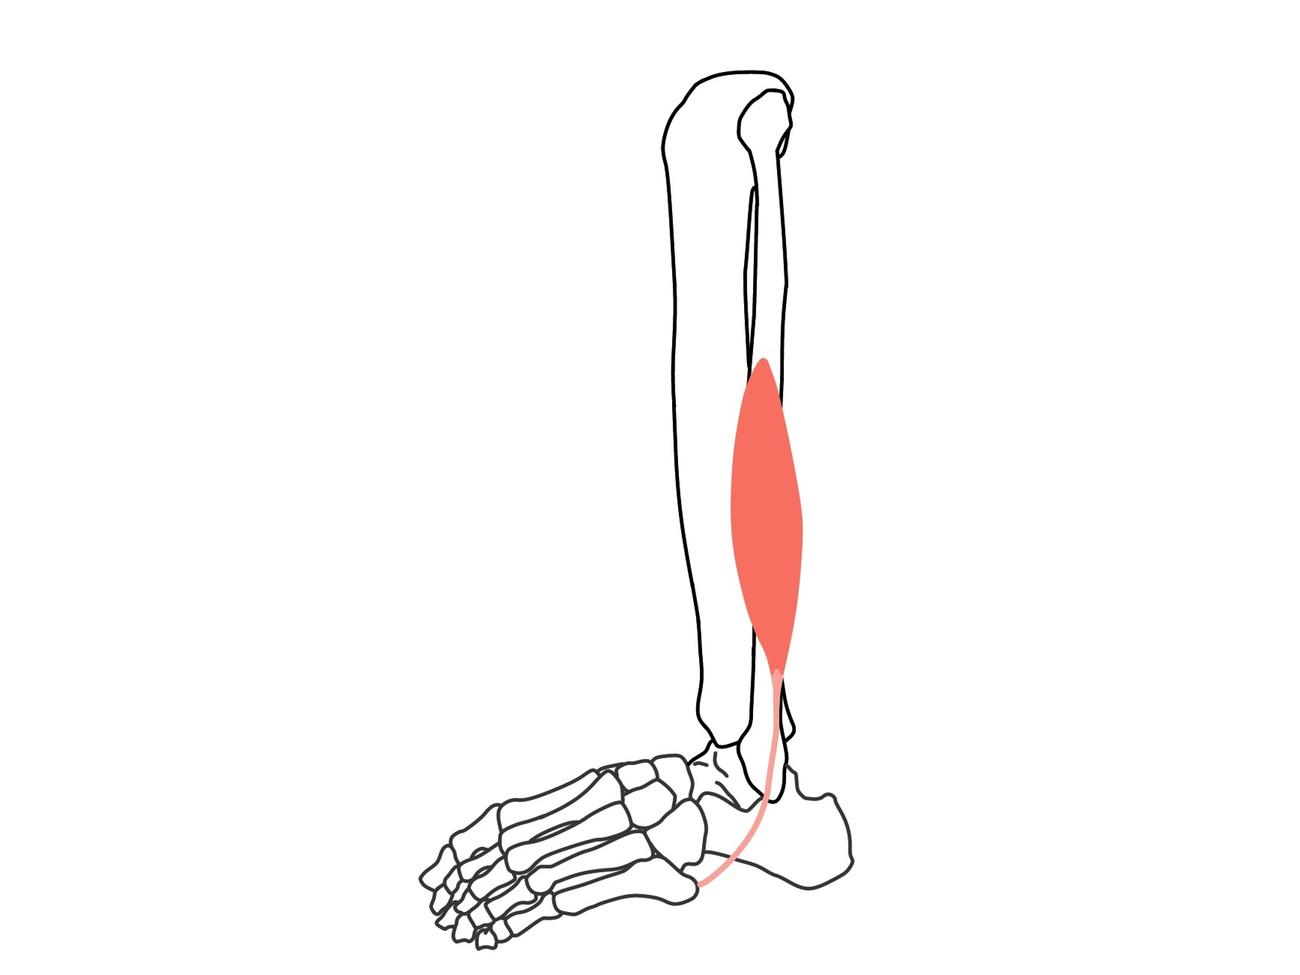 短腓骨筋(たんひこつきん)